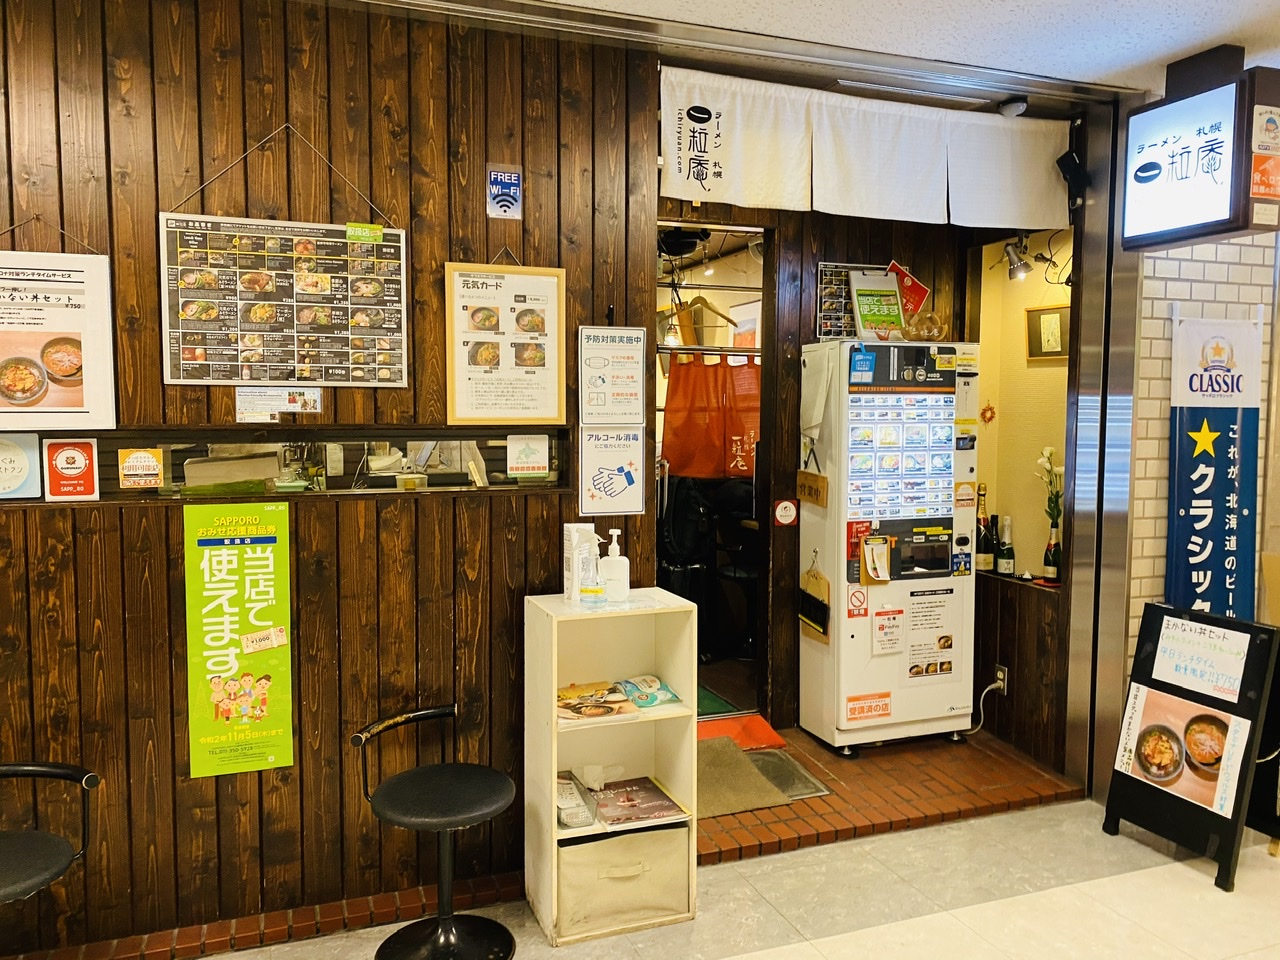 【札幌グルメ】食べログ高評価!札幌でラーメンを食べるなら絶対ココ★《一粒庵》_1